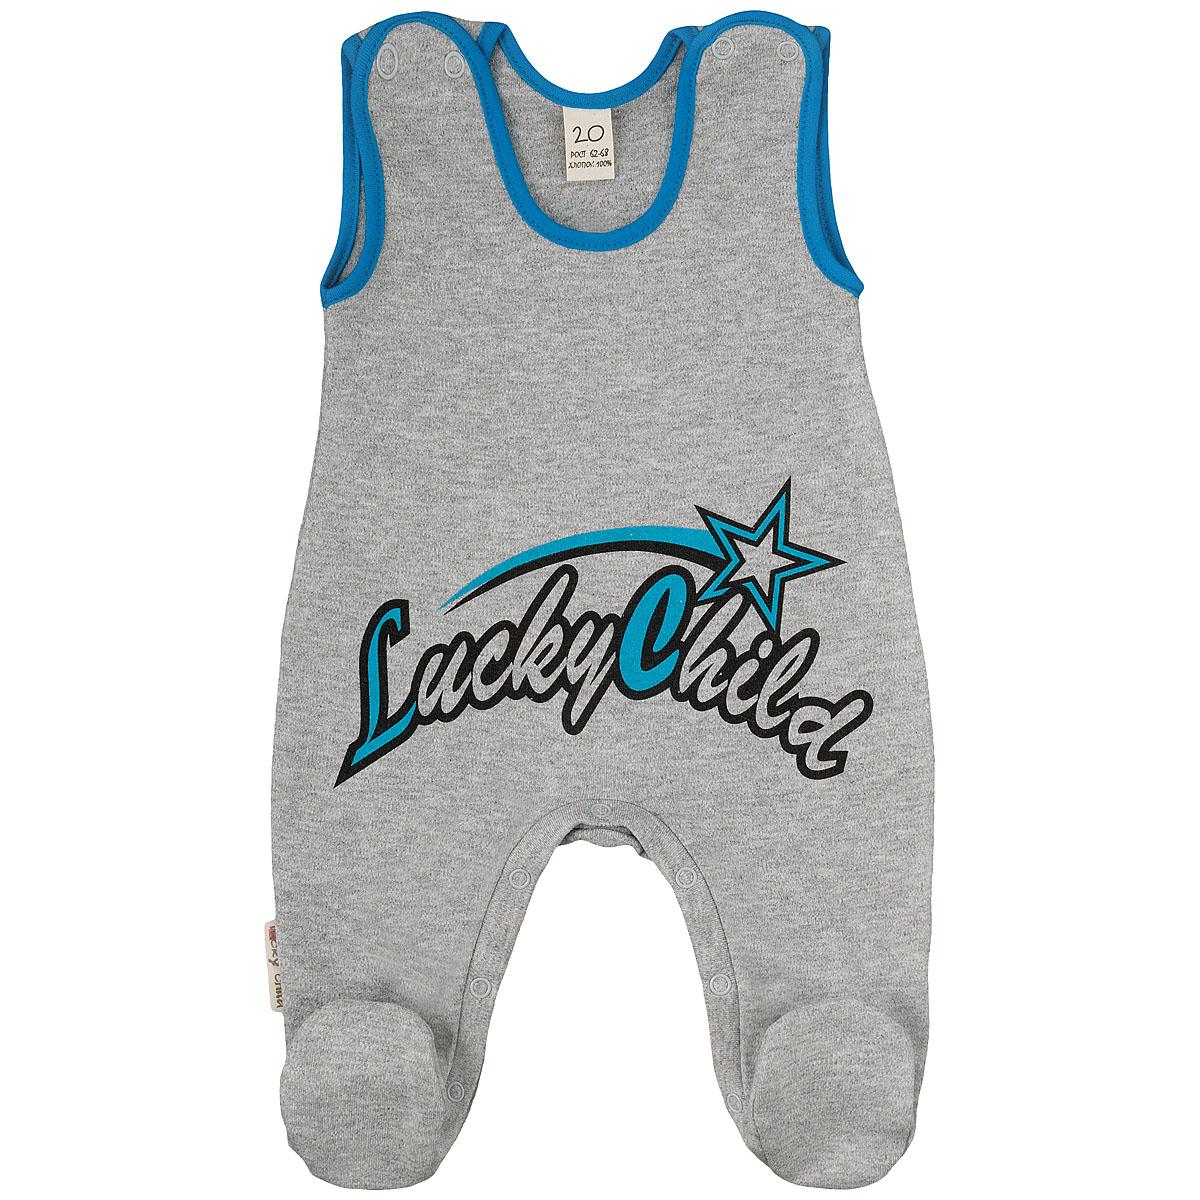 Ползунки с грудкой Lucky Child, цвет: серый, голубой. 1-2. Размер 62/681-2Ползунки с грудкой Lucky Child - очень удобный и практичный вид одежды для малышей. Они отлично сочетаются с футболками и кофточками. Ползунки выполнены из интерлока - натурального хлопка, благодаря чему они необычайно мягкие и приятные на ощупь, не раздражают нежную кожу ребенка и хорошо вентилируются, а эластичные швы приятны телу малыша и не препятствуют его движениям. Ползунки с закрытыми ножками, застегивающиеся сверху на кнопки, идеально подойдут вашему малышу, обеспечивая ему наибольший комфорт, подходят для ношения с подгузником и без него. Кнопки на ластовице помогают легко и без труда поменять подгузник в течение дня.Спереди ползунки оформлены надписью Lucky Child.Ползунки с грудкой полностью соответствуют особенностям жизни малыша в ранний период, не стесняя и не ограничивая его в движениях!